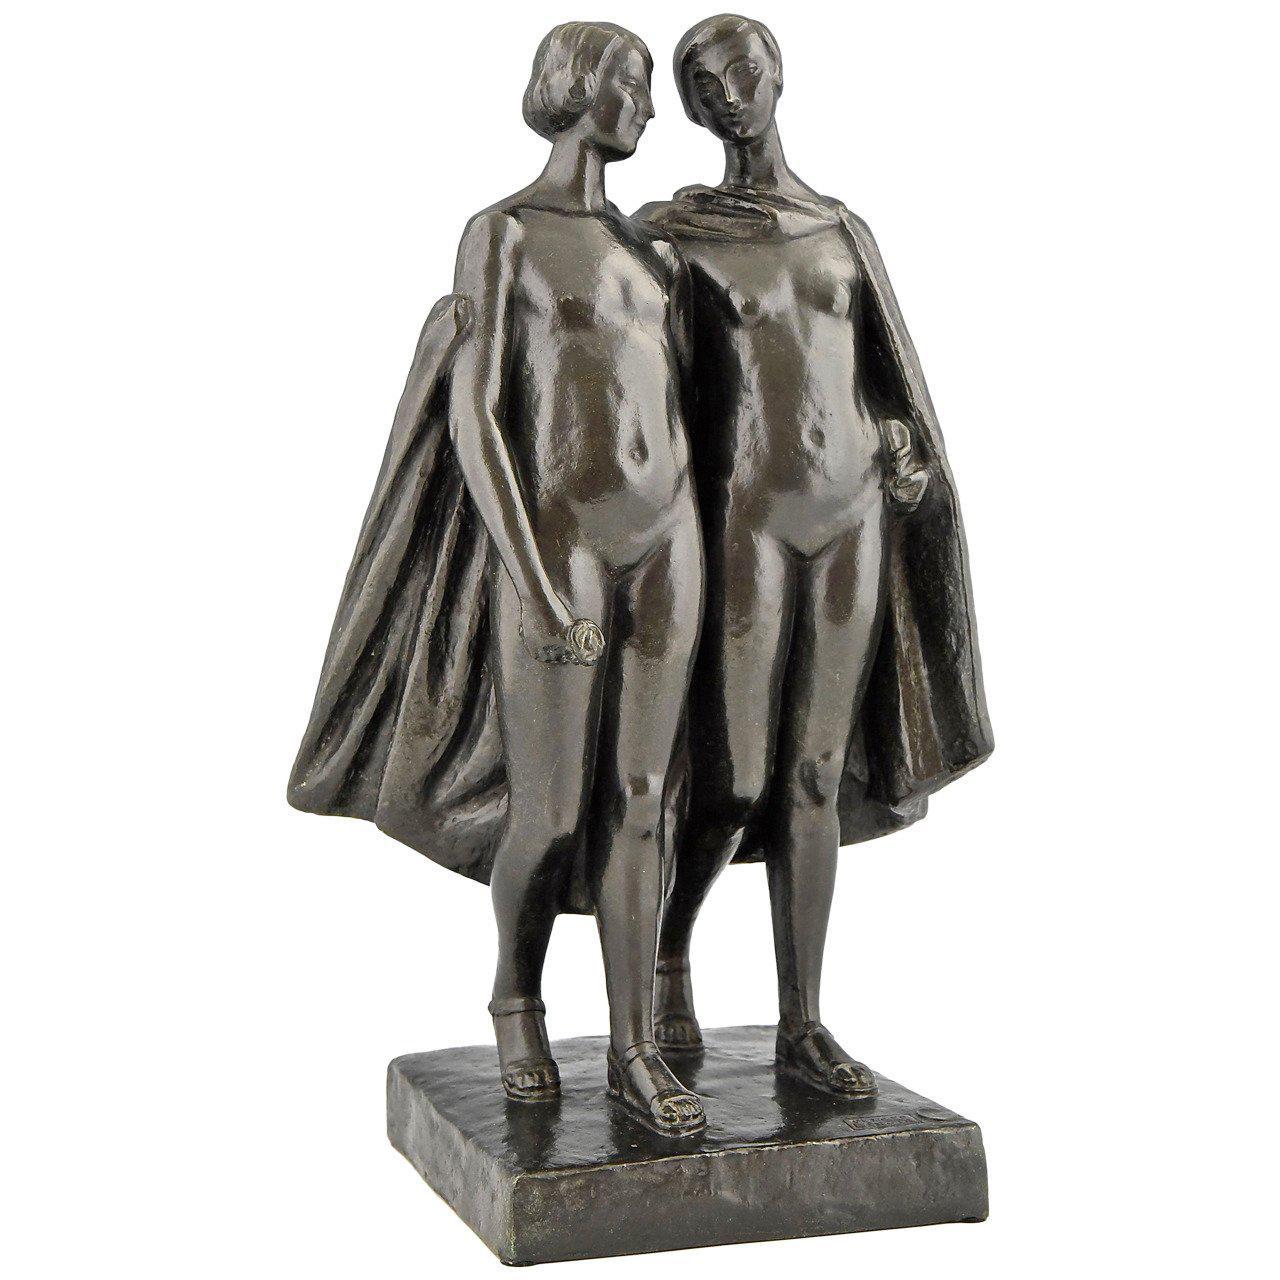 Pierre Lenoir Art Deco Bronze Sculpture of Two Nudes 1930  France